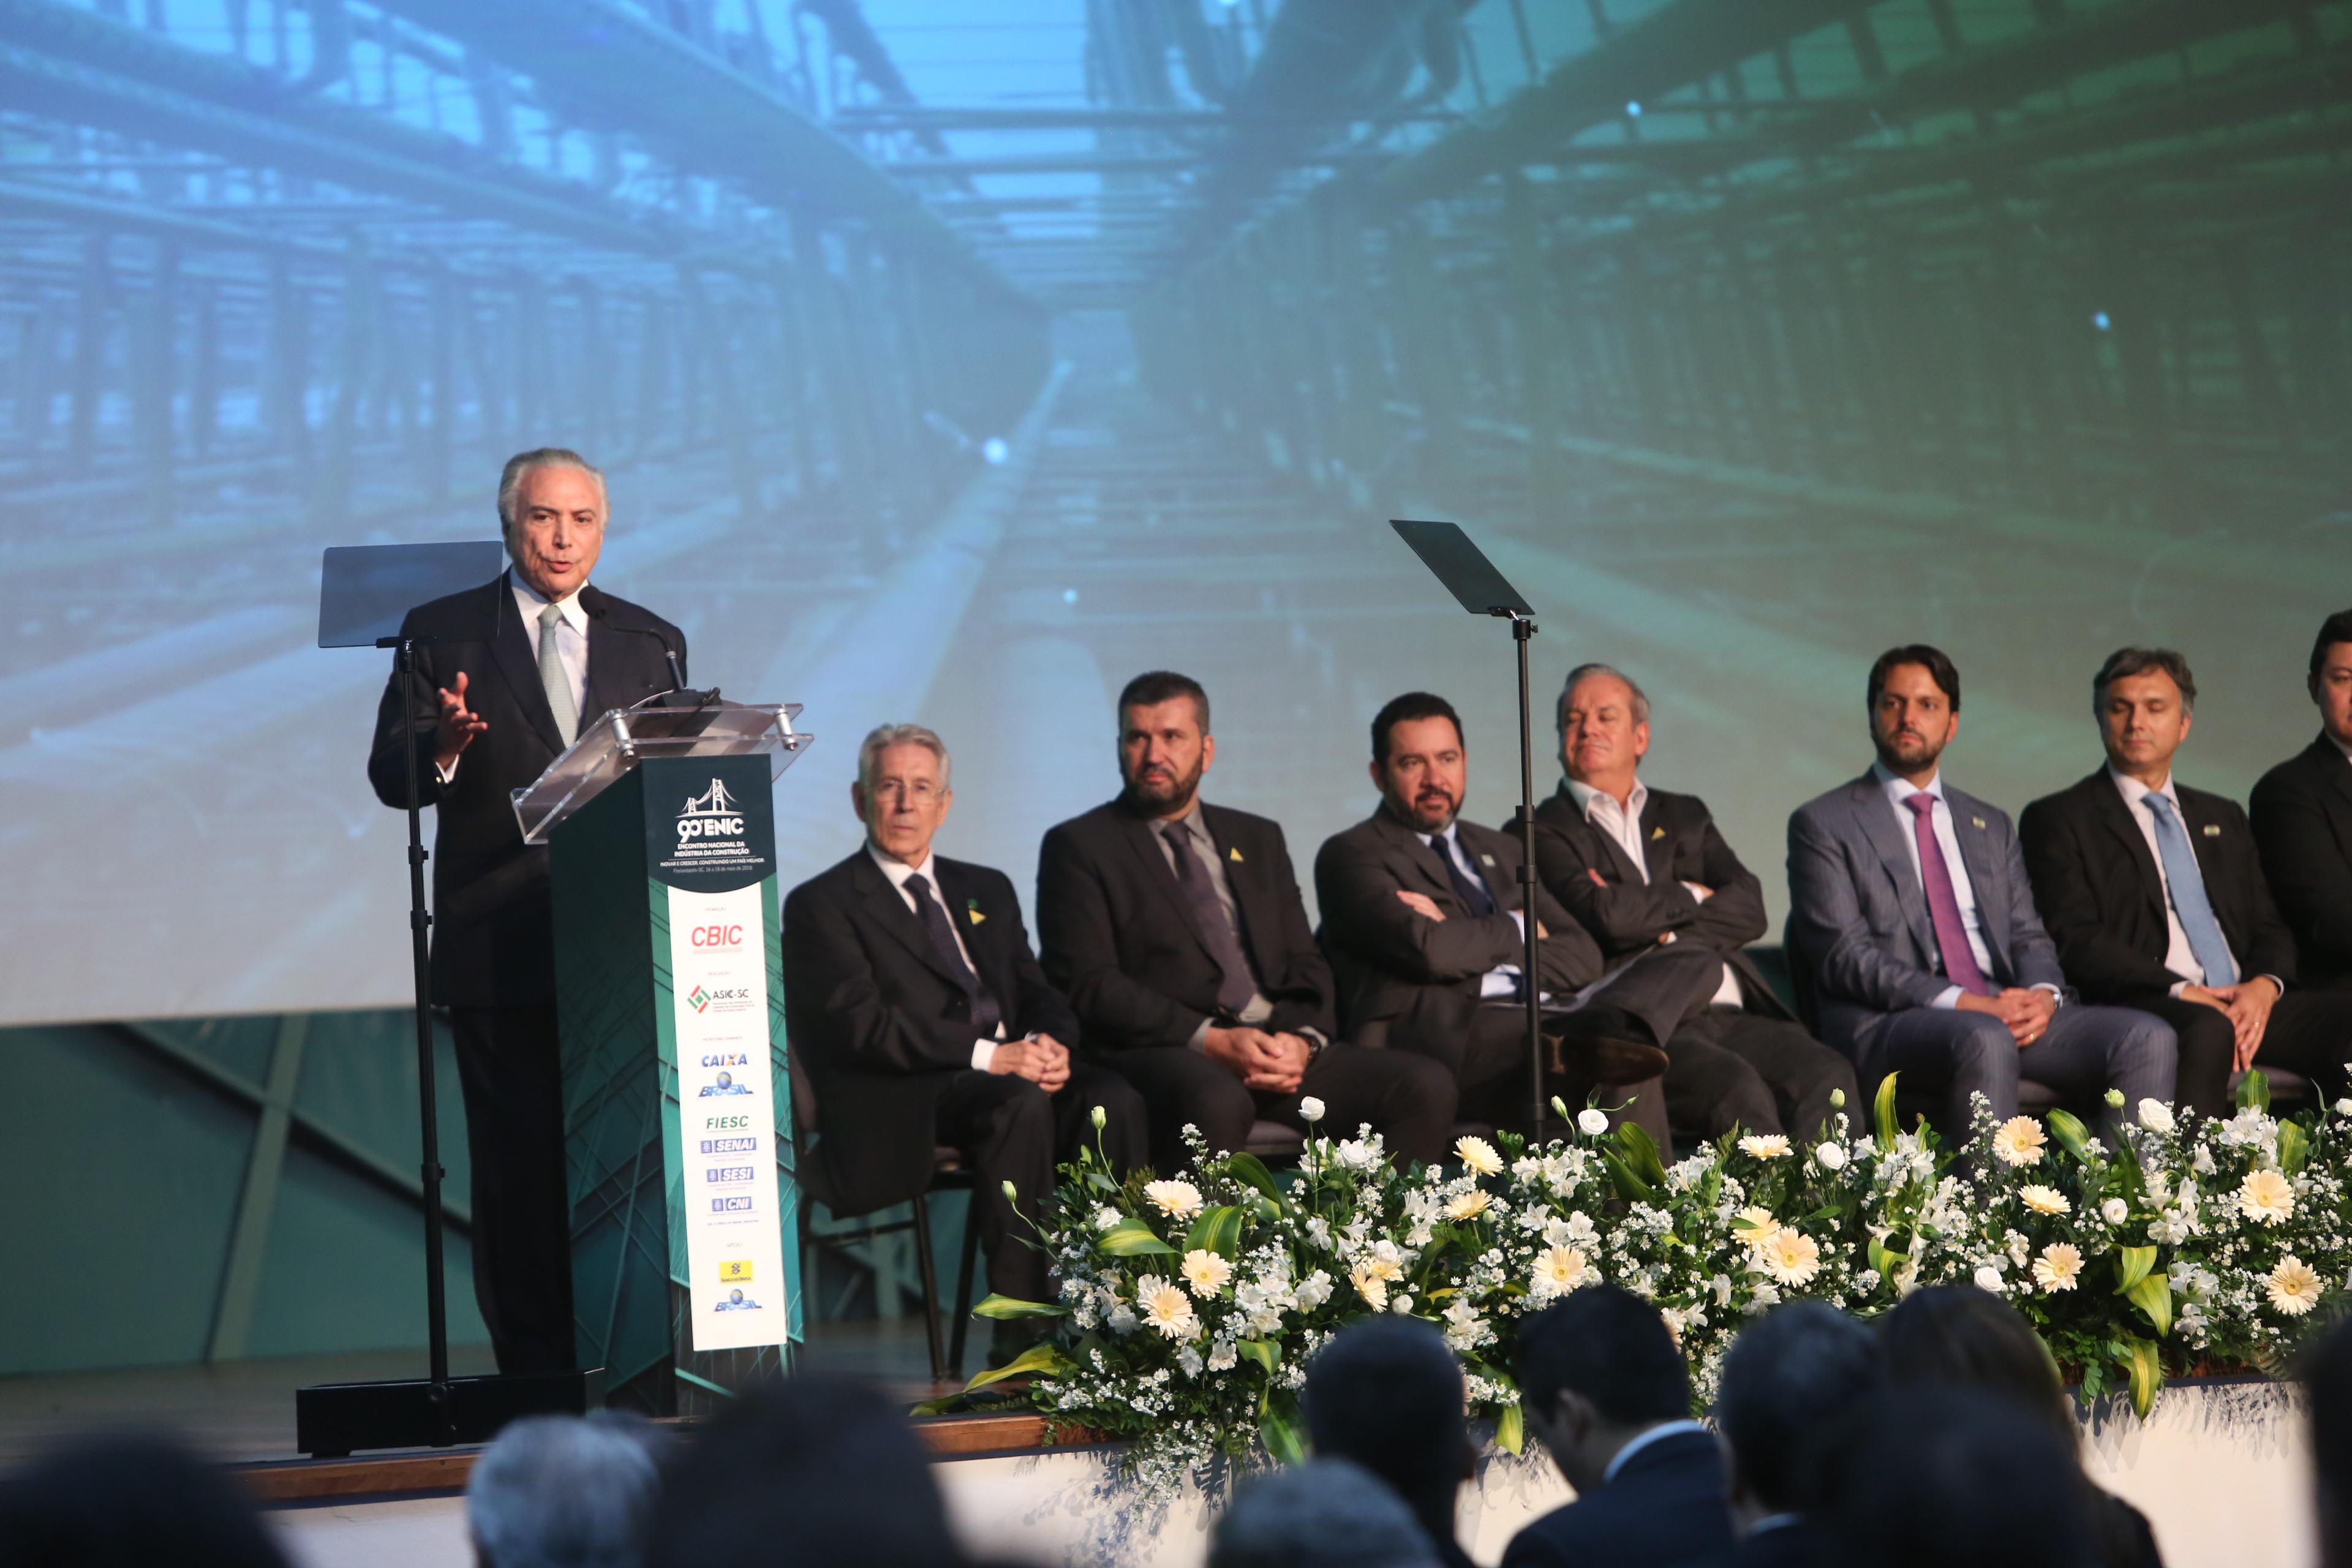 Evento debate inovação e crescimento até sexta